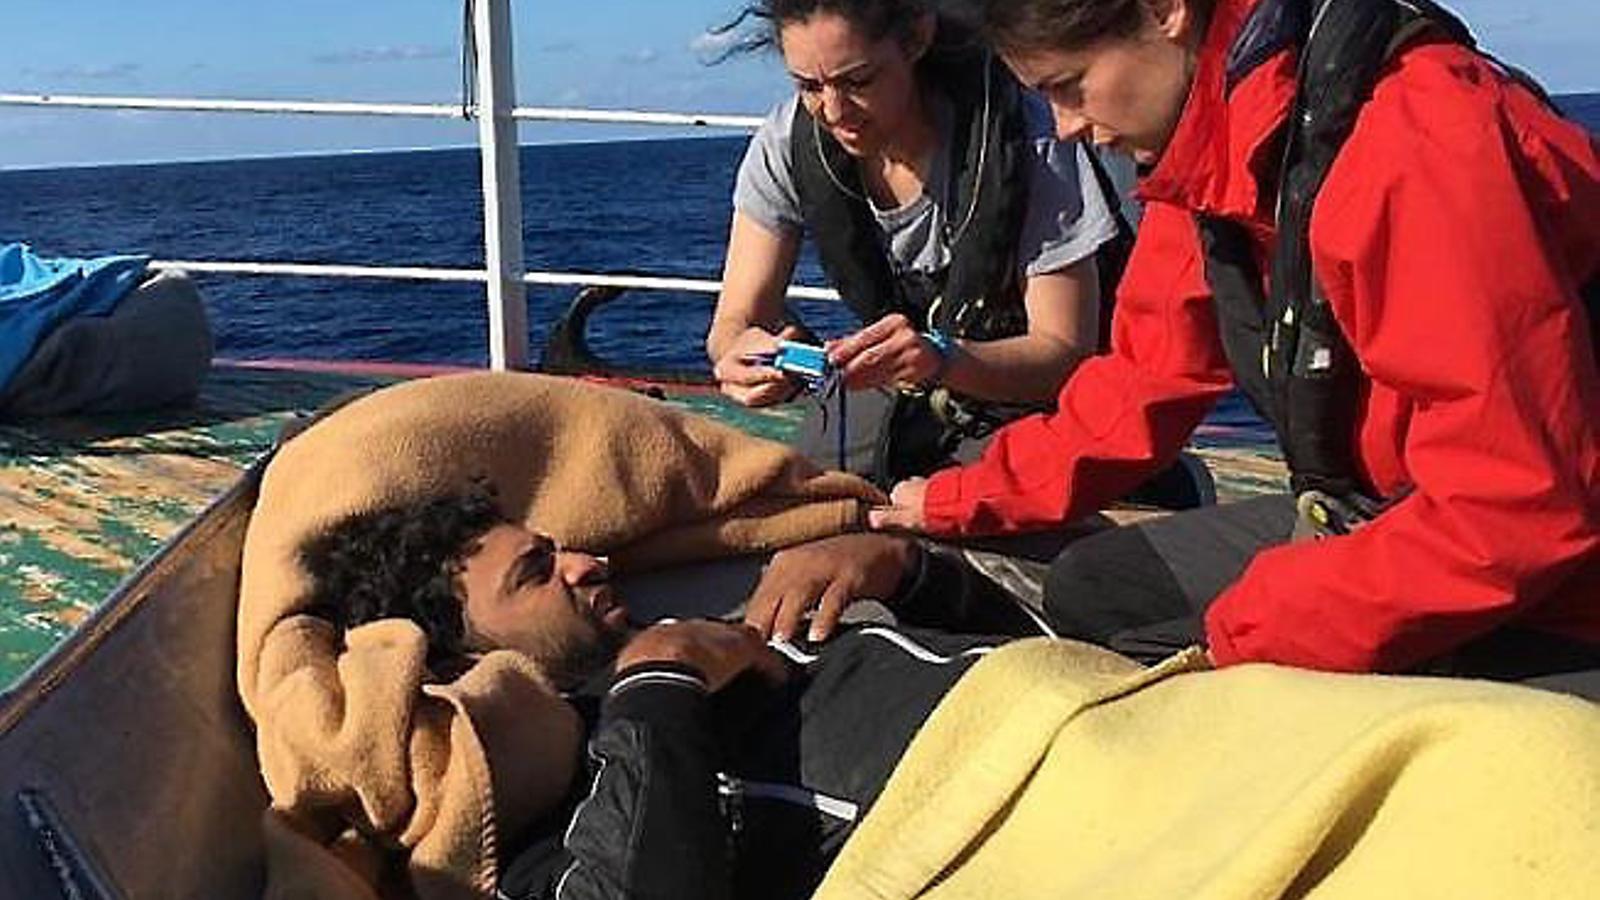 Els migrants rescatats pel pesquer valencià arriben a Malta